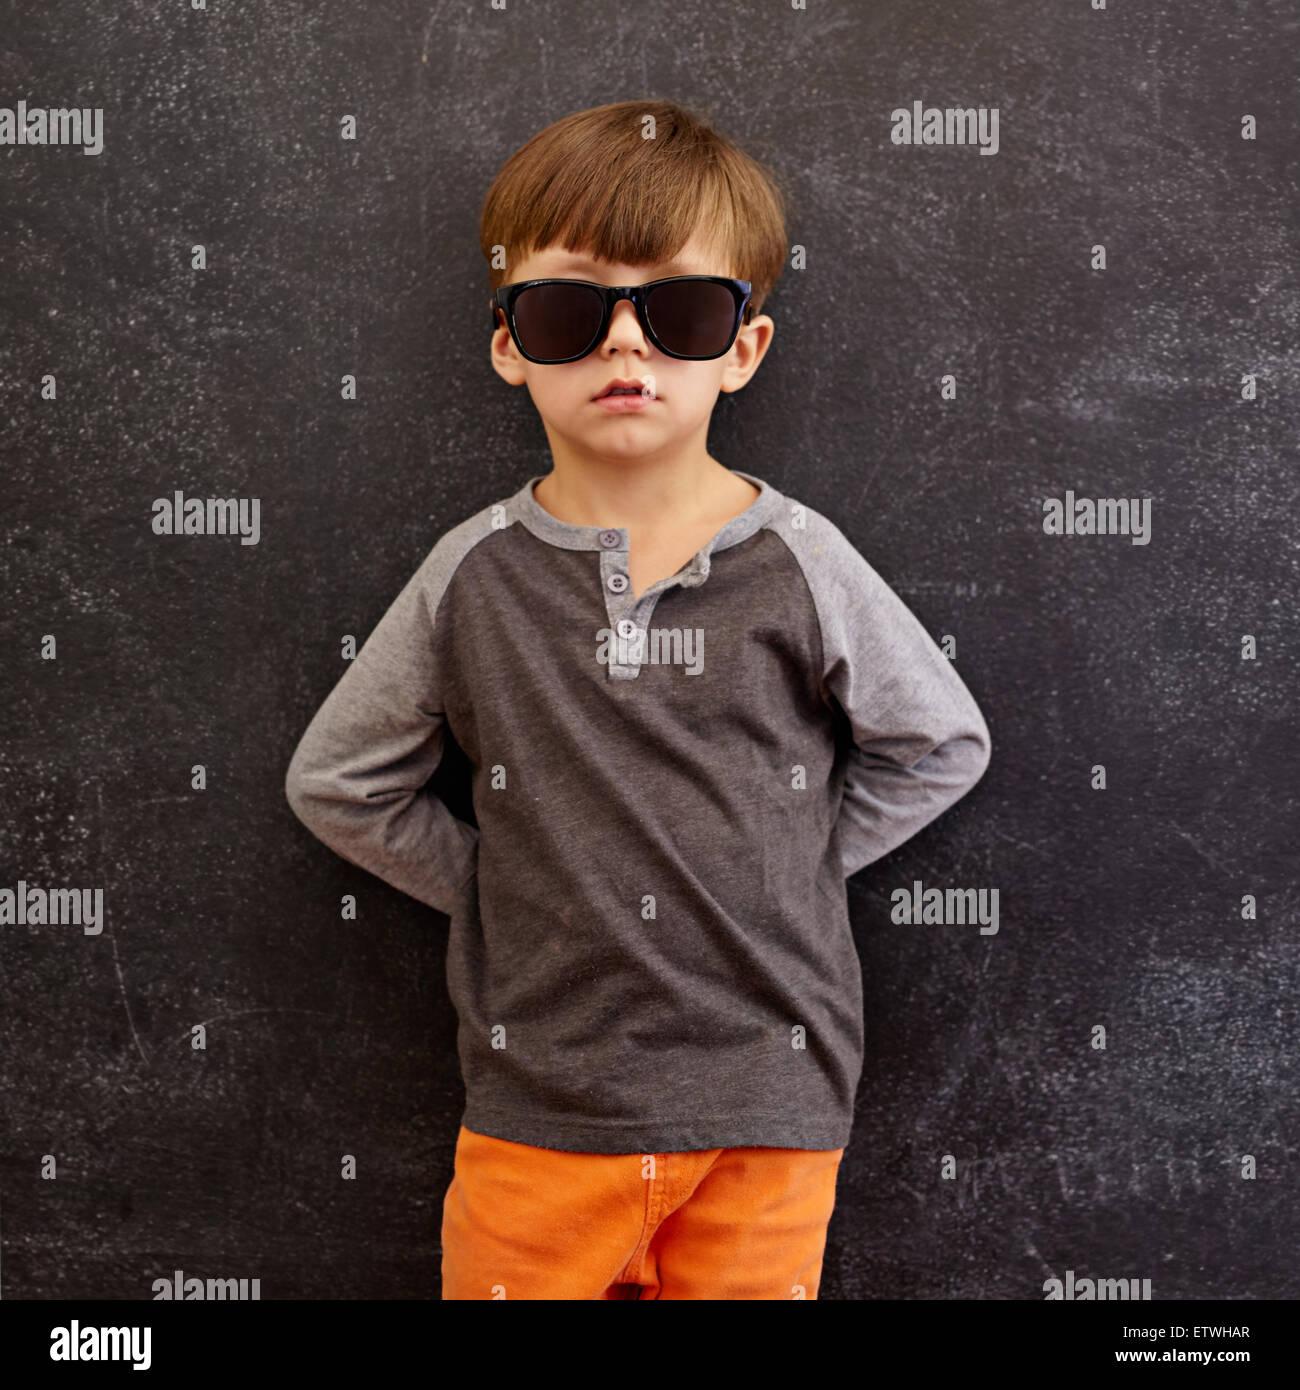 Ritratto di Innocenzo ragazzino indossando occhiali da sole. Little Boy appoggiata su una lavagna. Composizione Immagini Stock